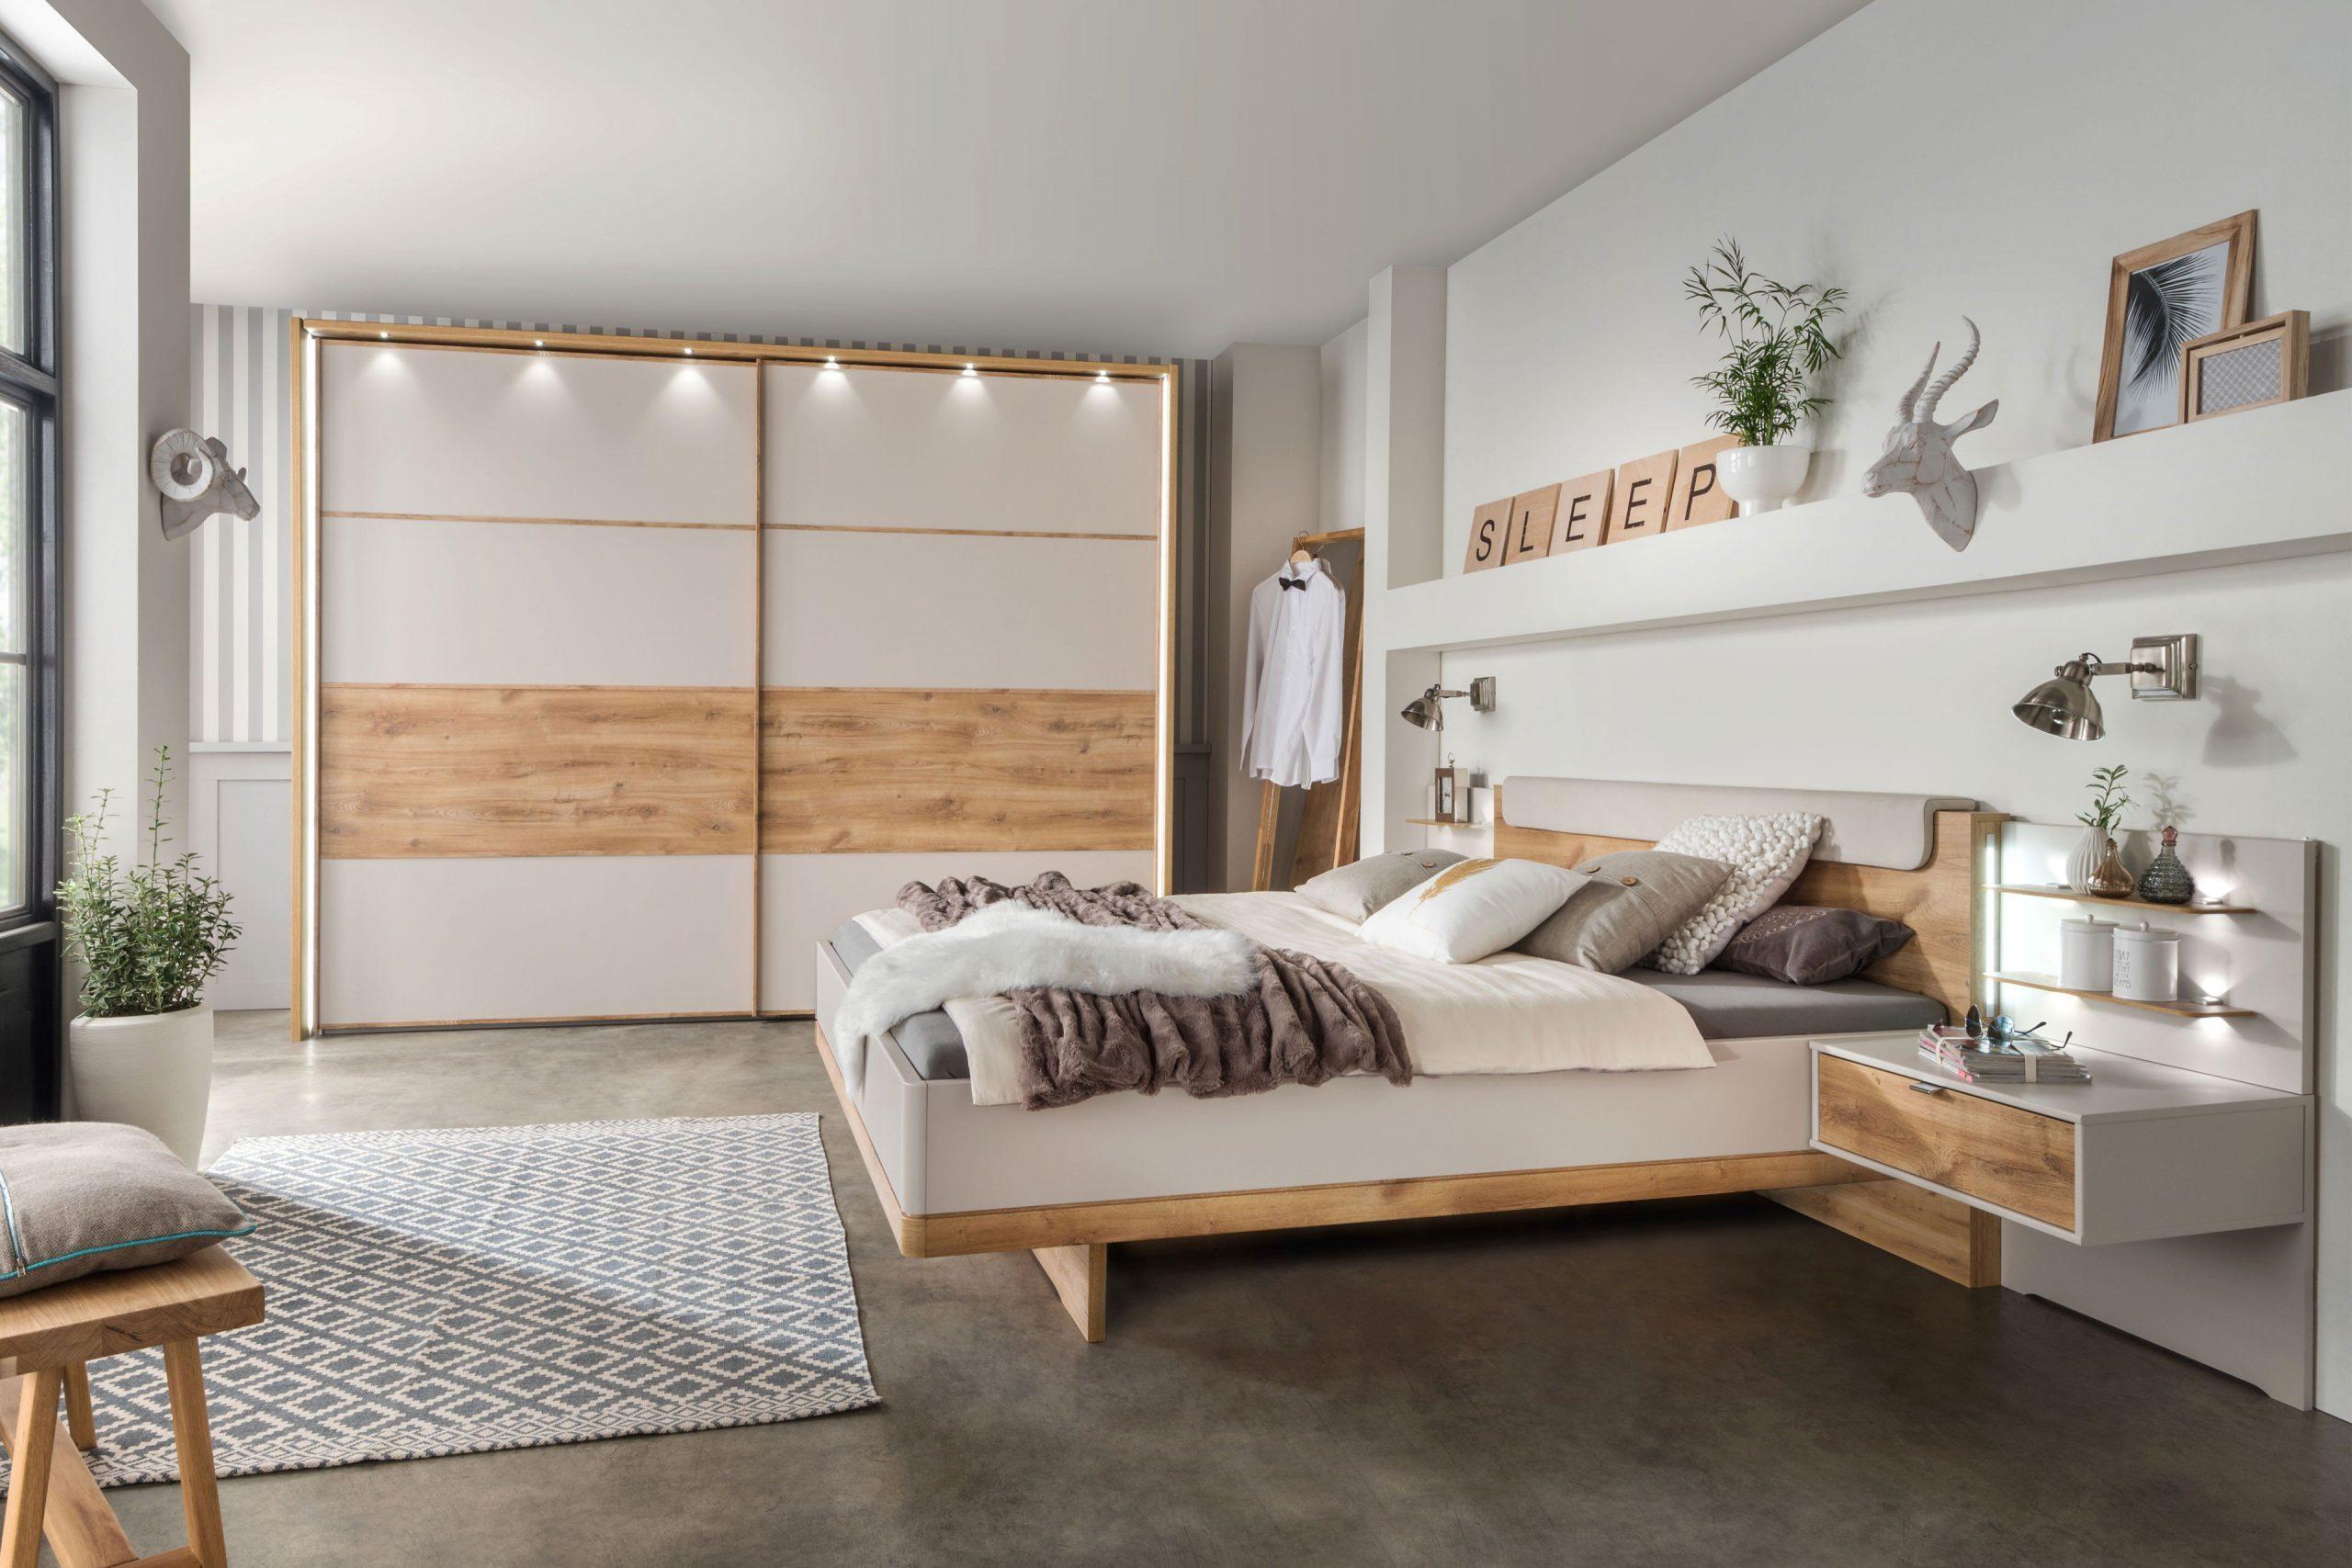 Full Size of Wiemann Schlafzimmer Sets Online Kaufen Komplett Massivholz Bett Mit Bettkasten Schimmel Im Sofa Verstellbarer Sitztiefe 90x200 Kronleuchter 160x200 Schlafzimmer Schlafzimmer Mit überbau